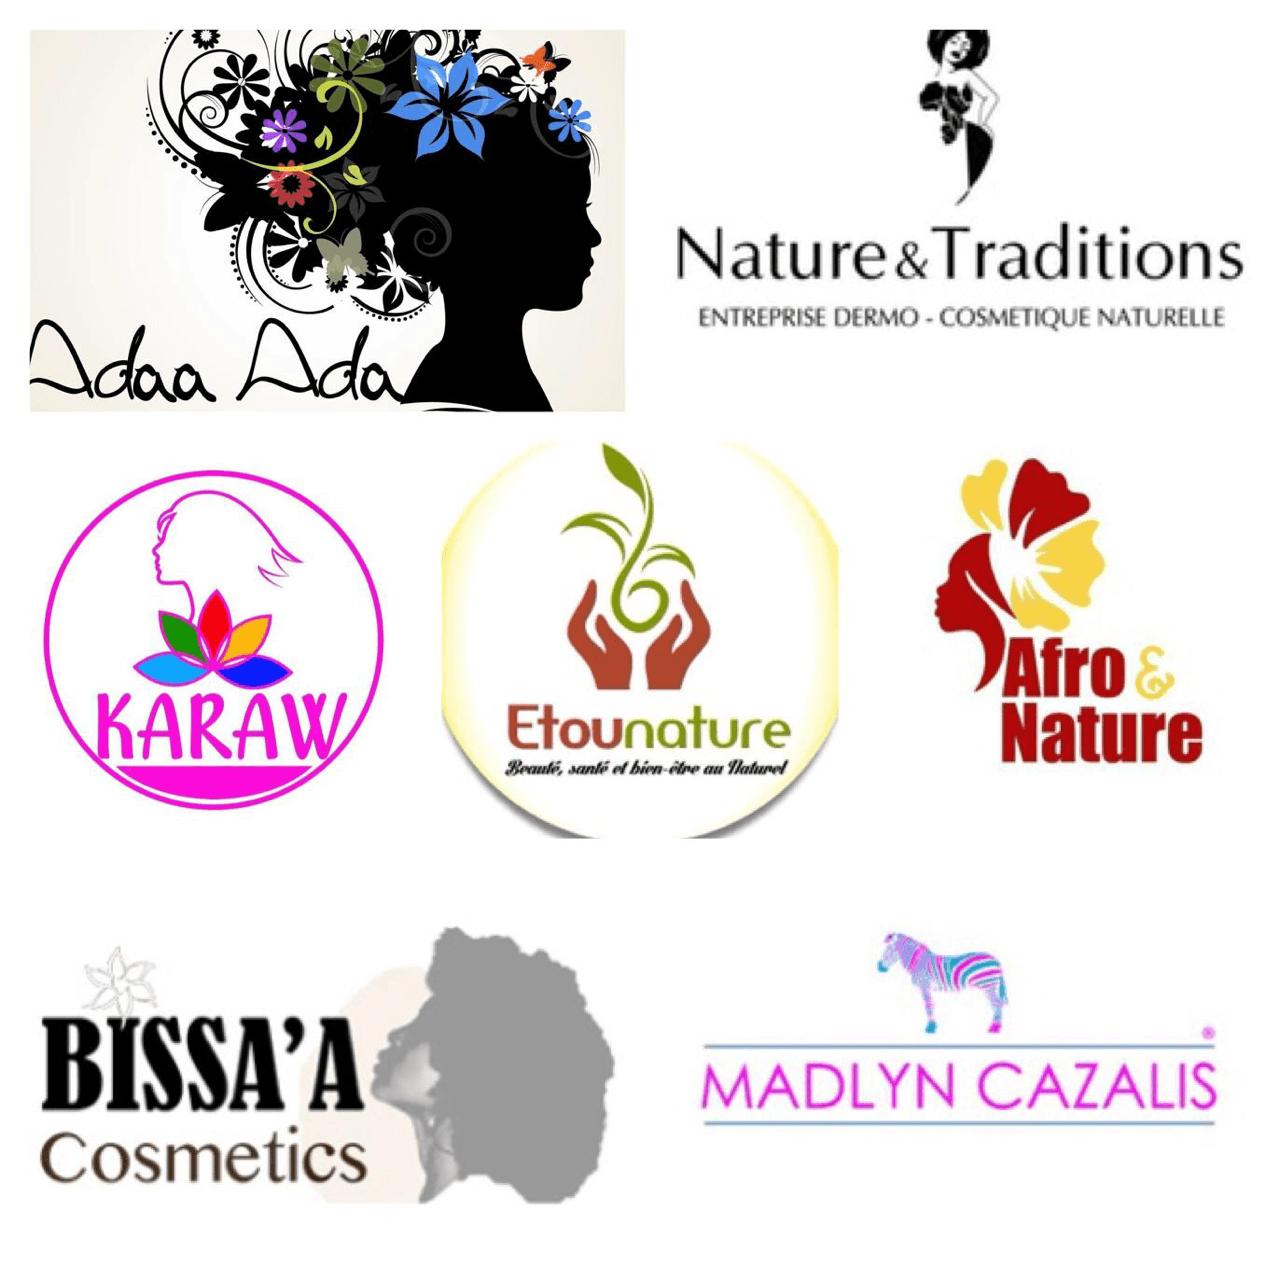 réer sa marque de cosmétique naturels en Afrique setalmaa